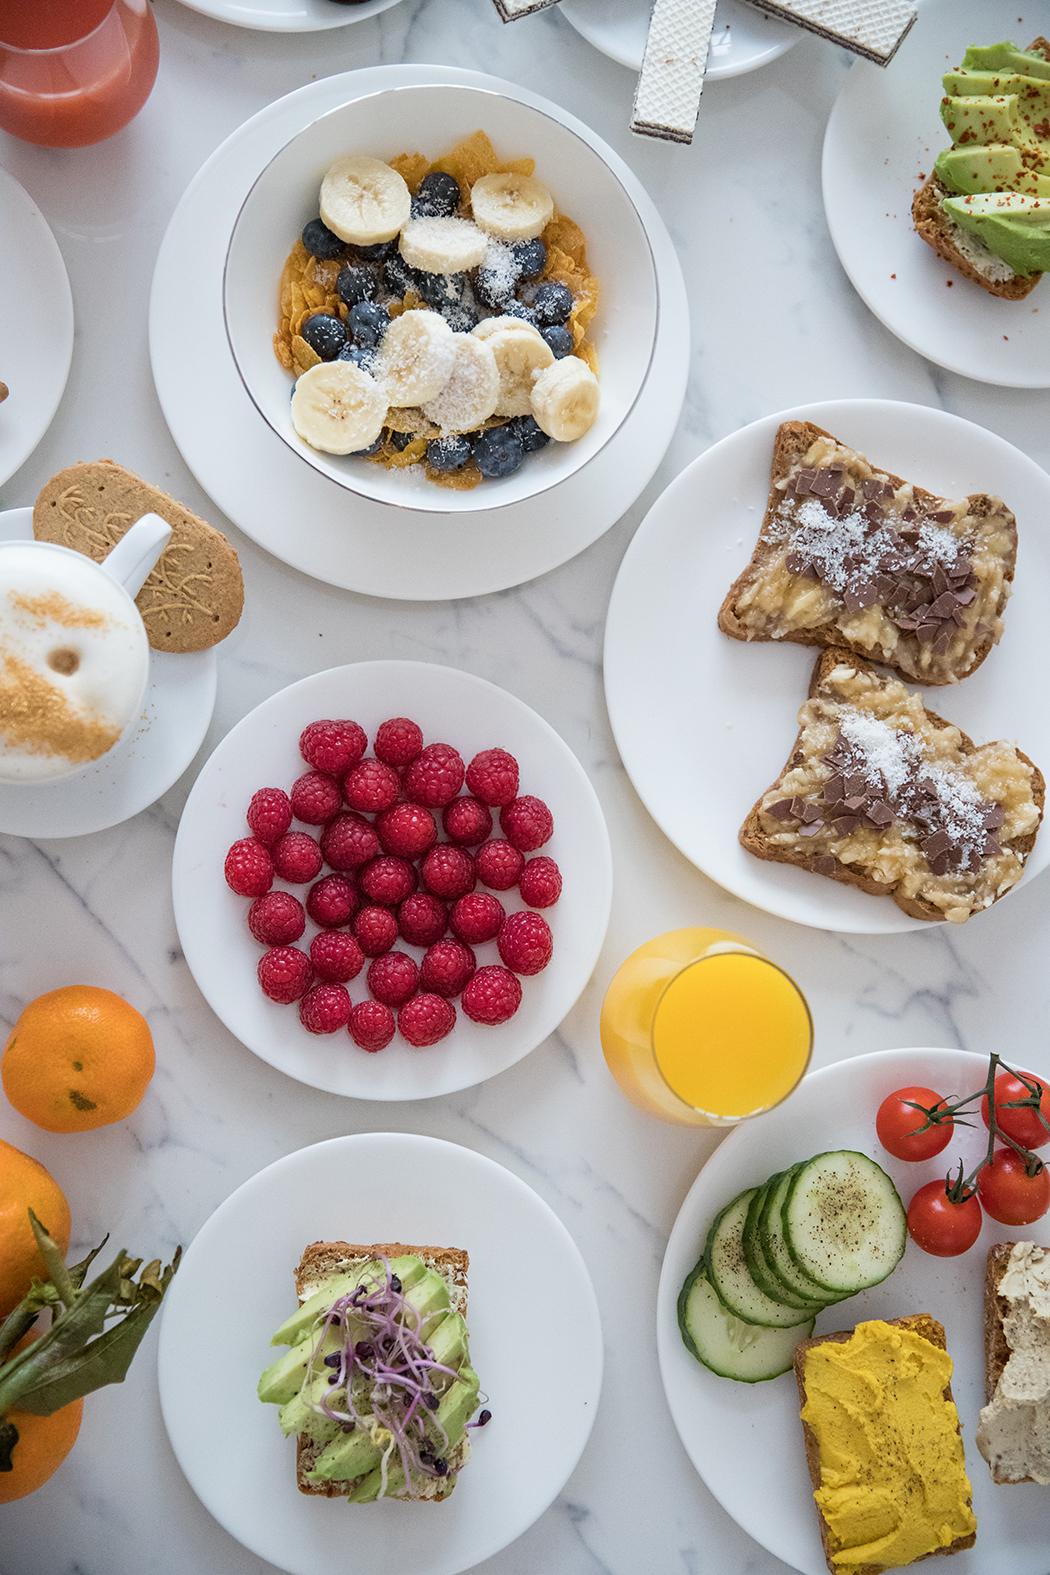 foodblog-foodblogger-food-blog-blogger-vegan-glutenfrei-fruestueck-einfach-ideen-schaer-lindarella-3654-web